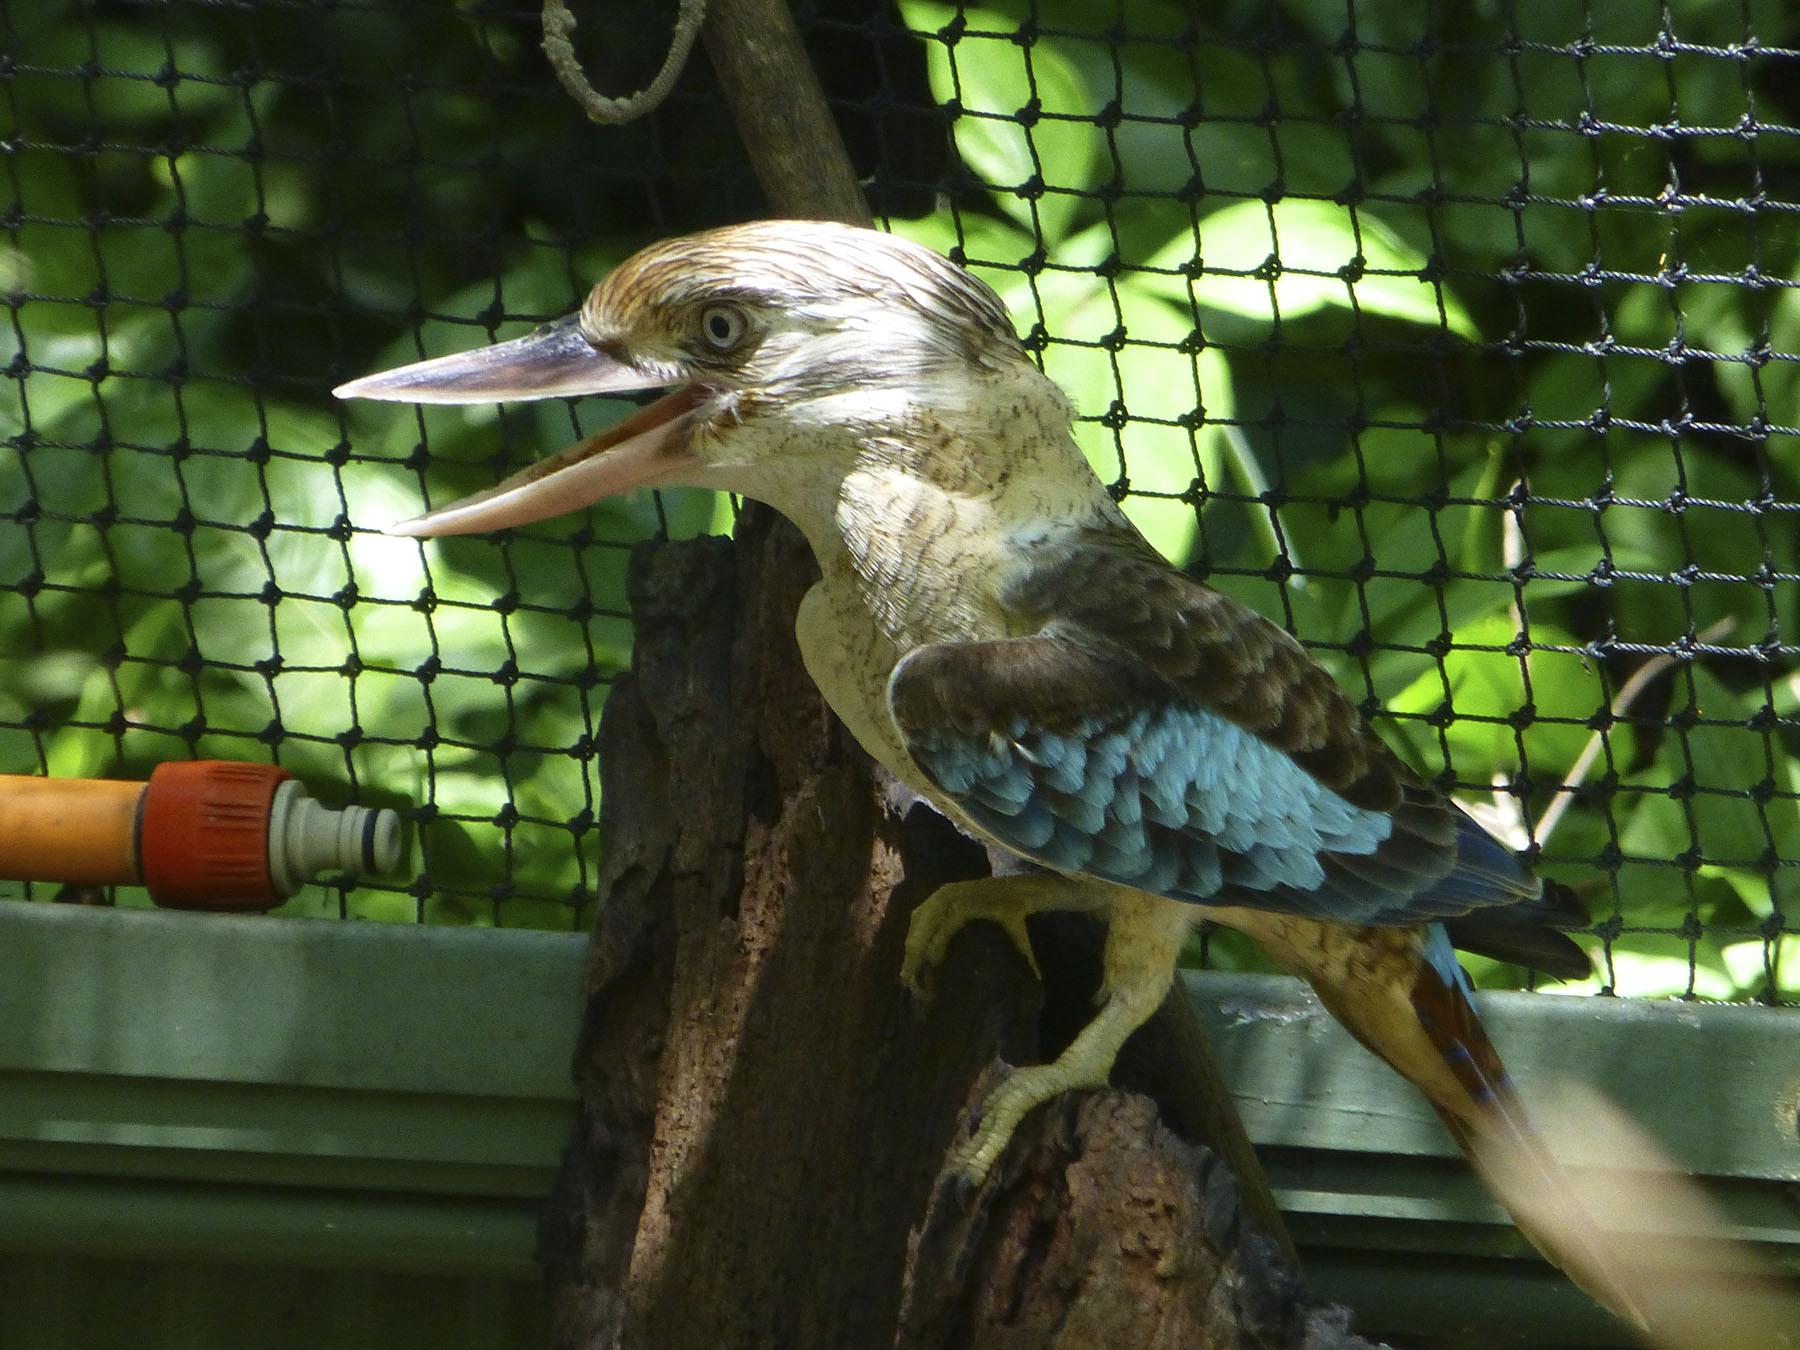 Kookaburra Up Close